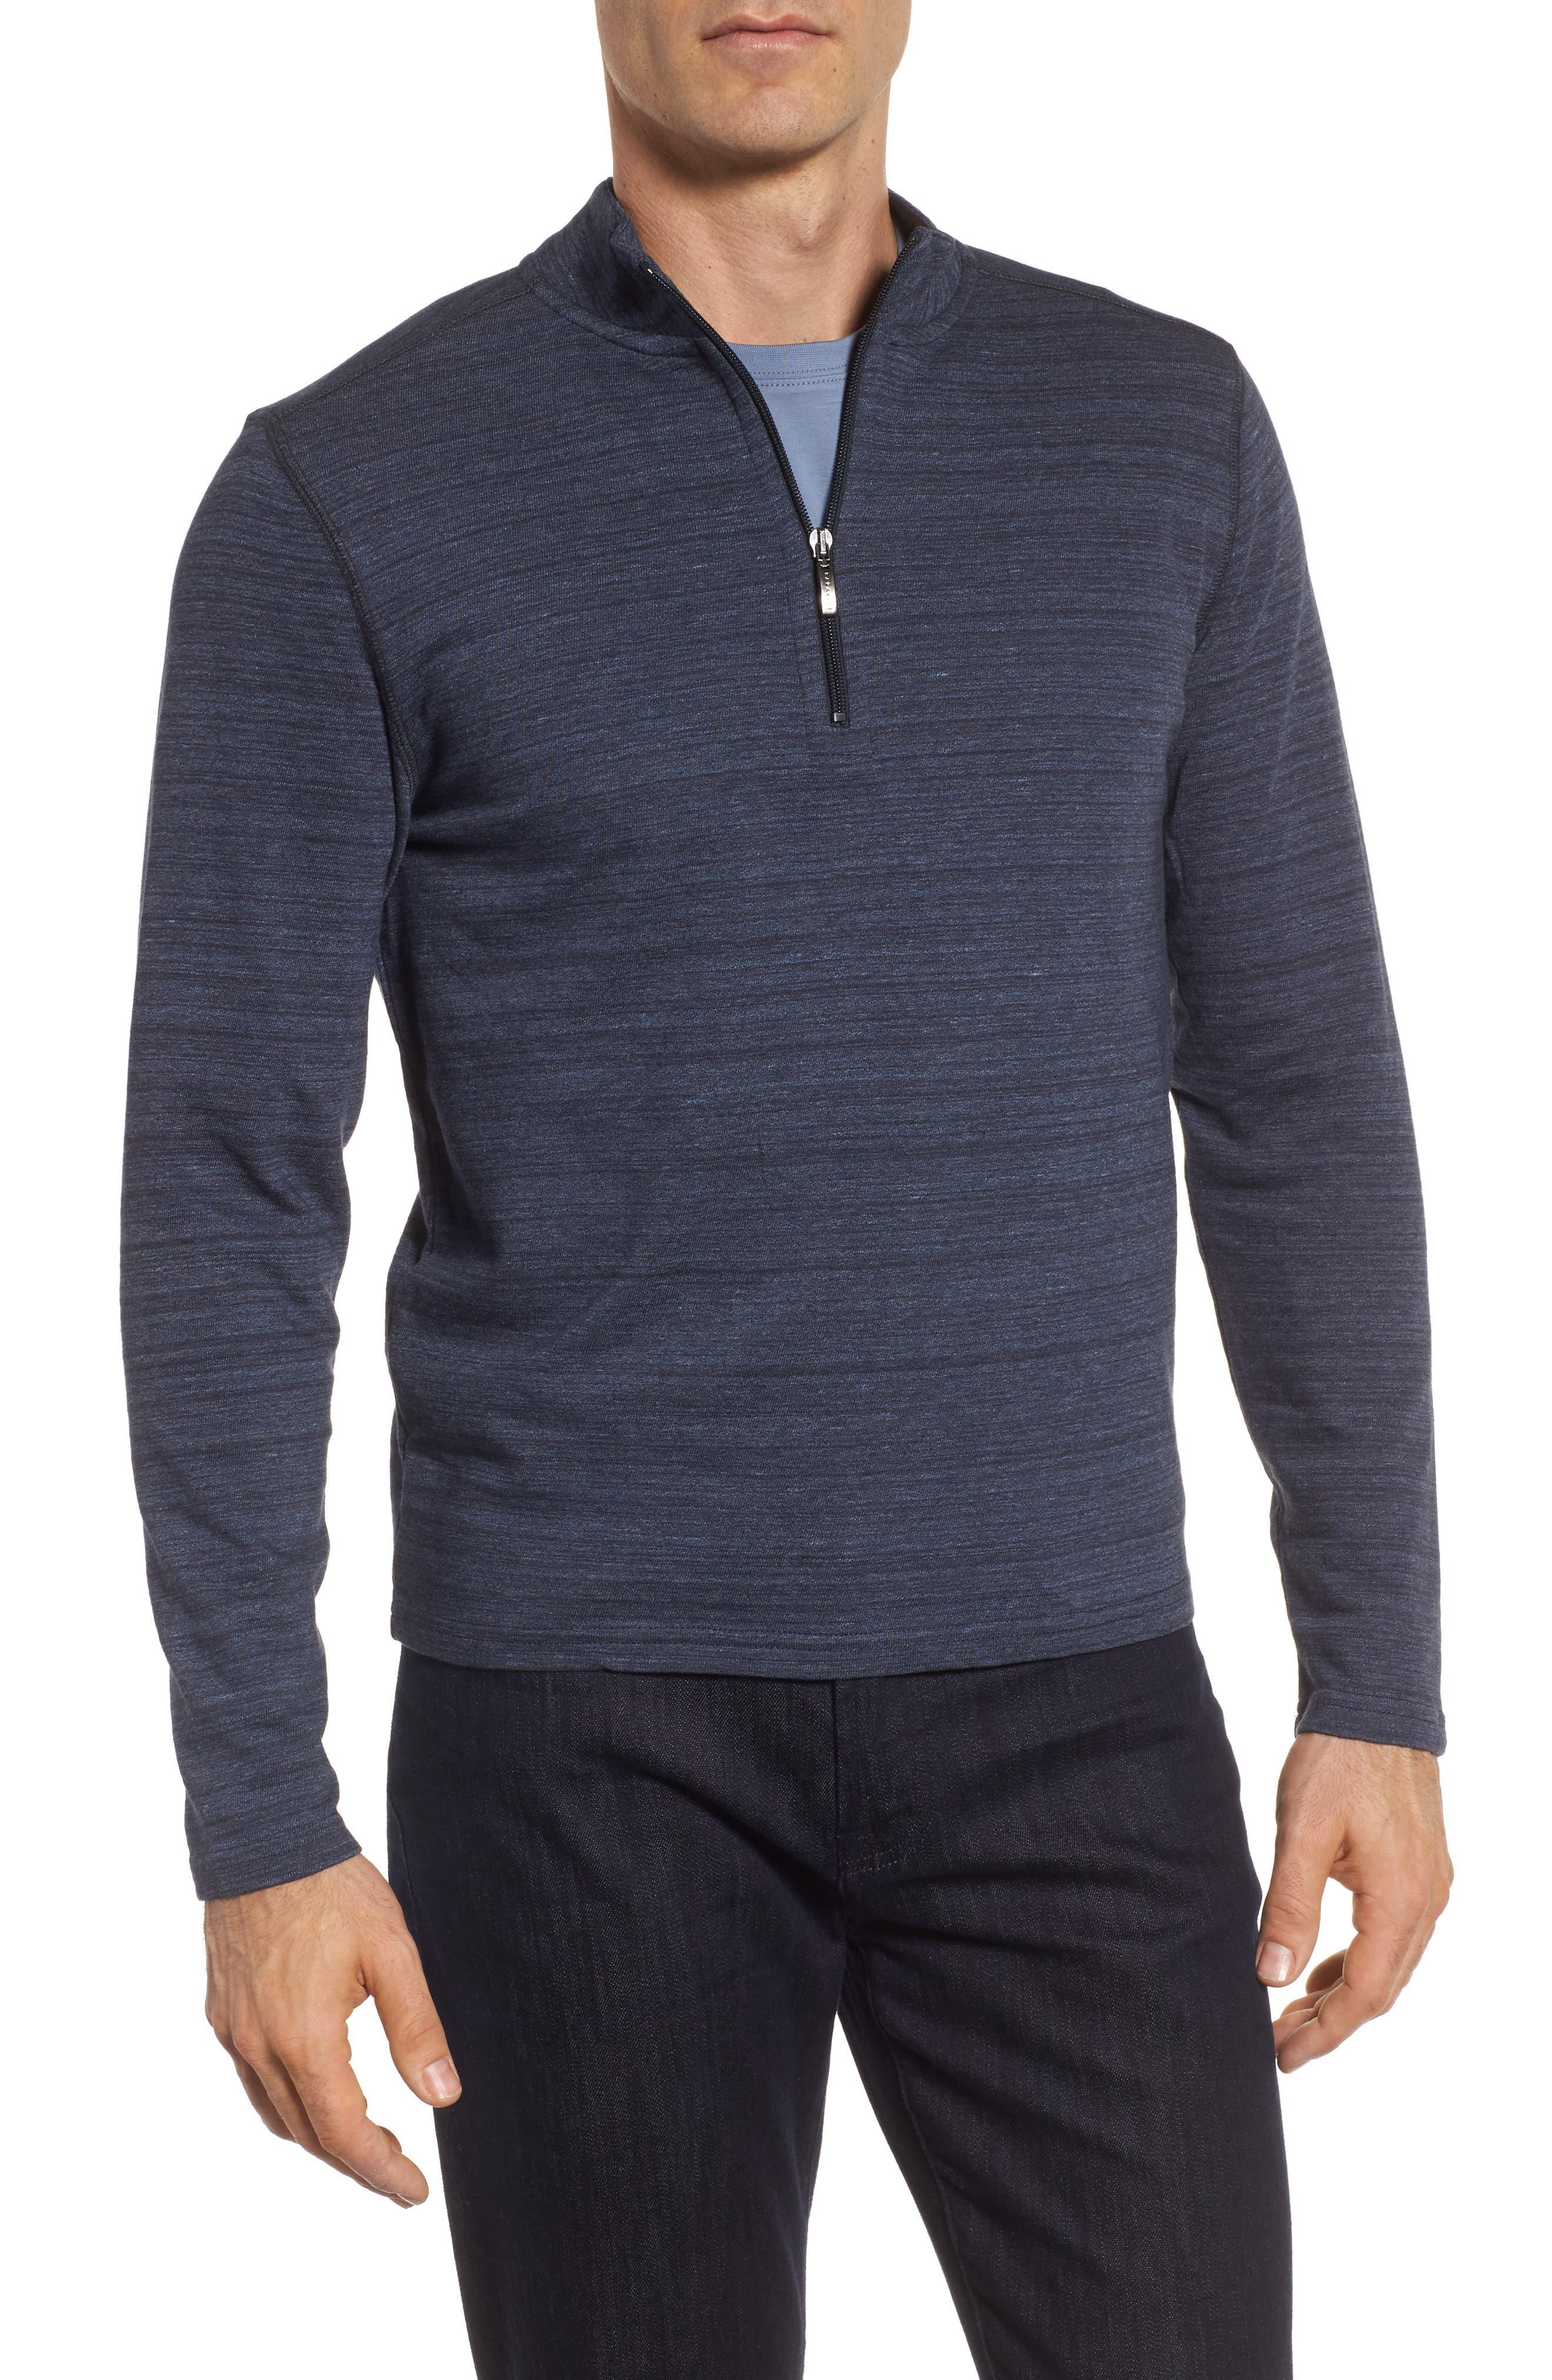 Robert Barakett Marcel Quarter Zip Pullover